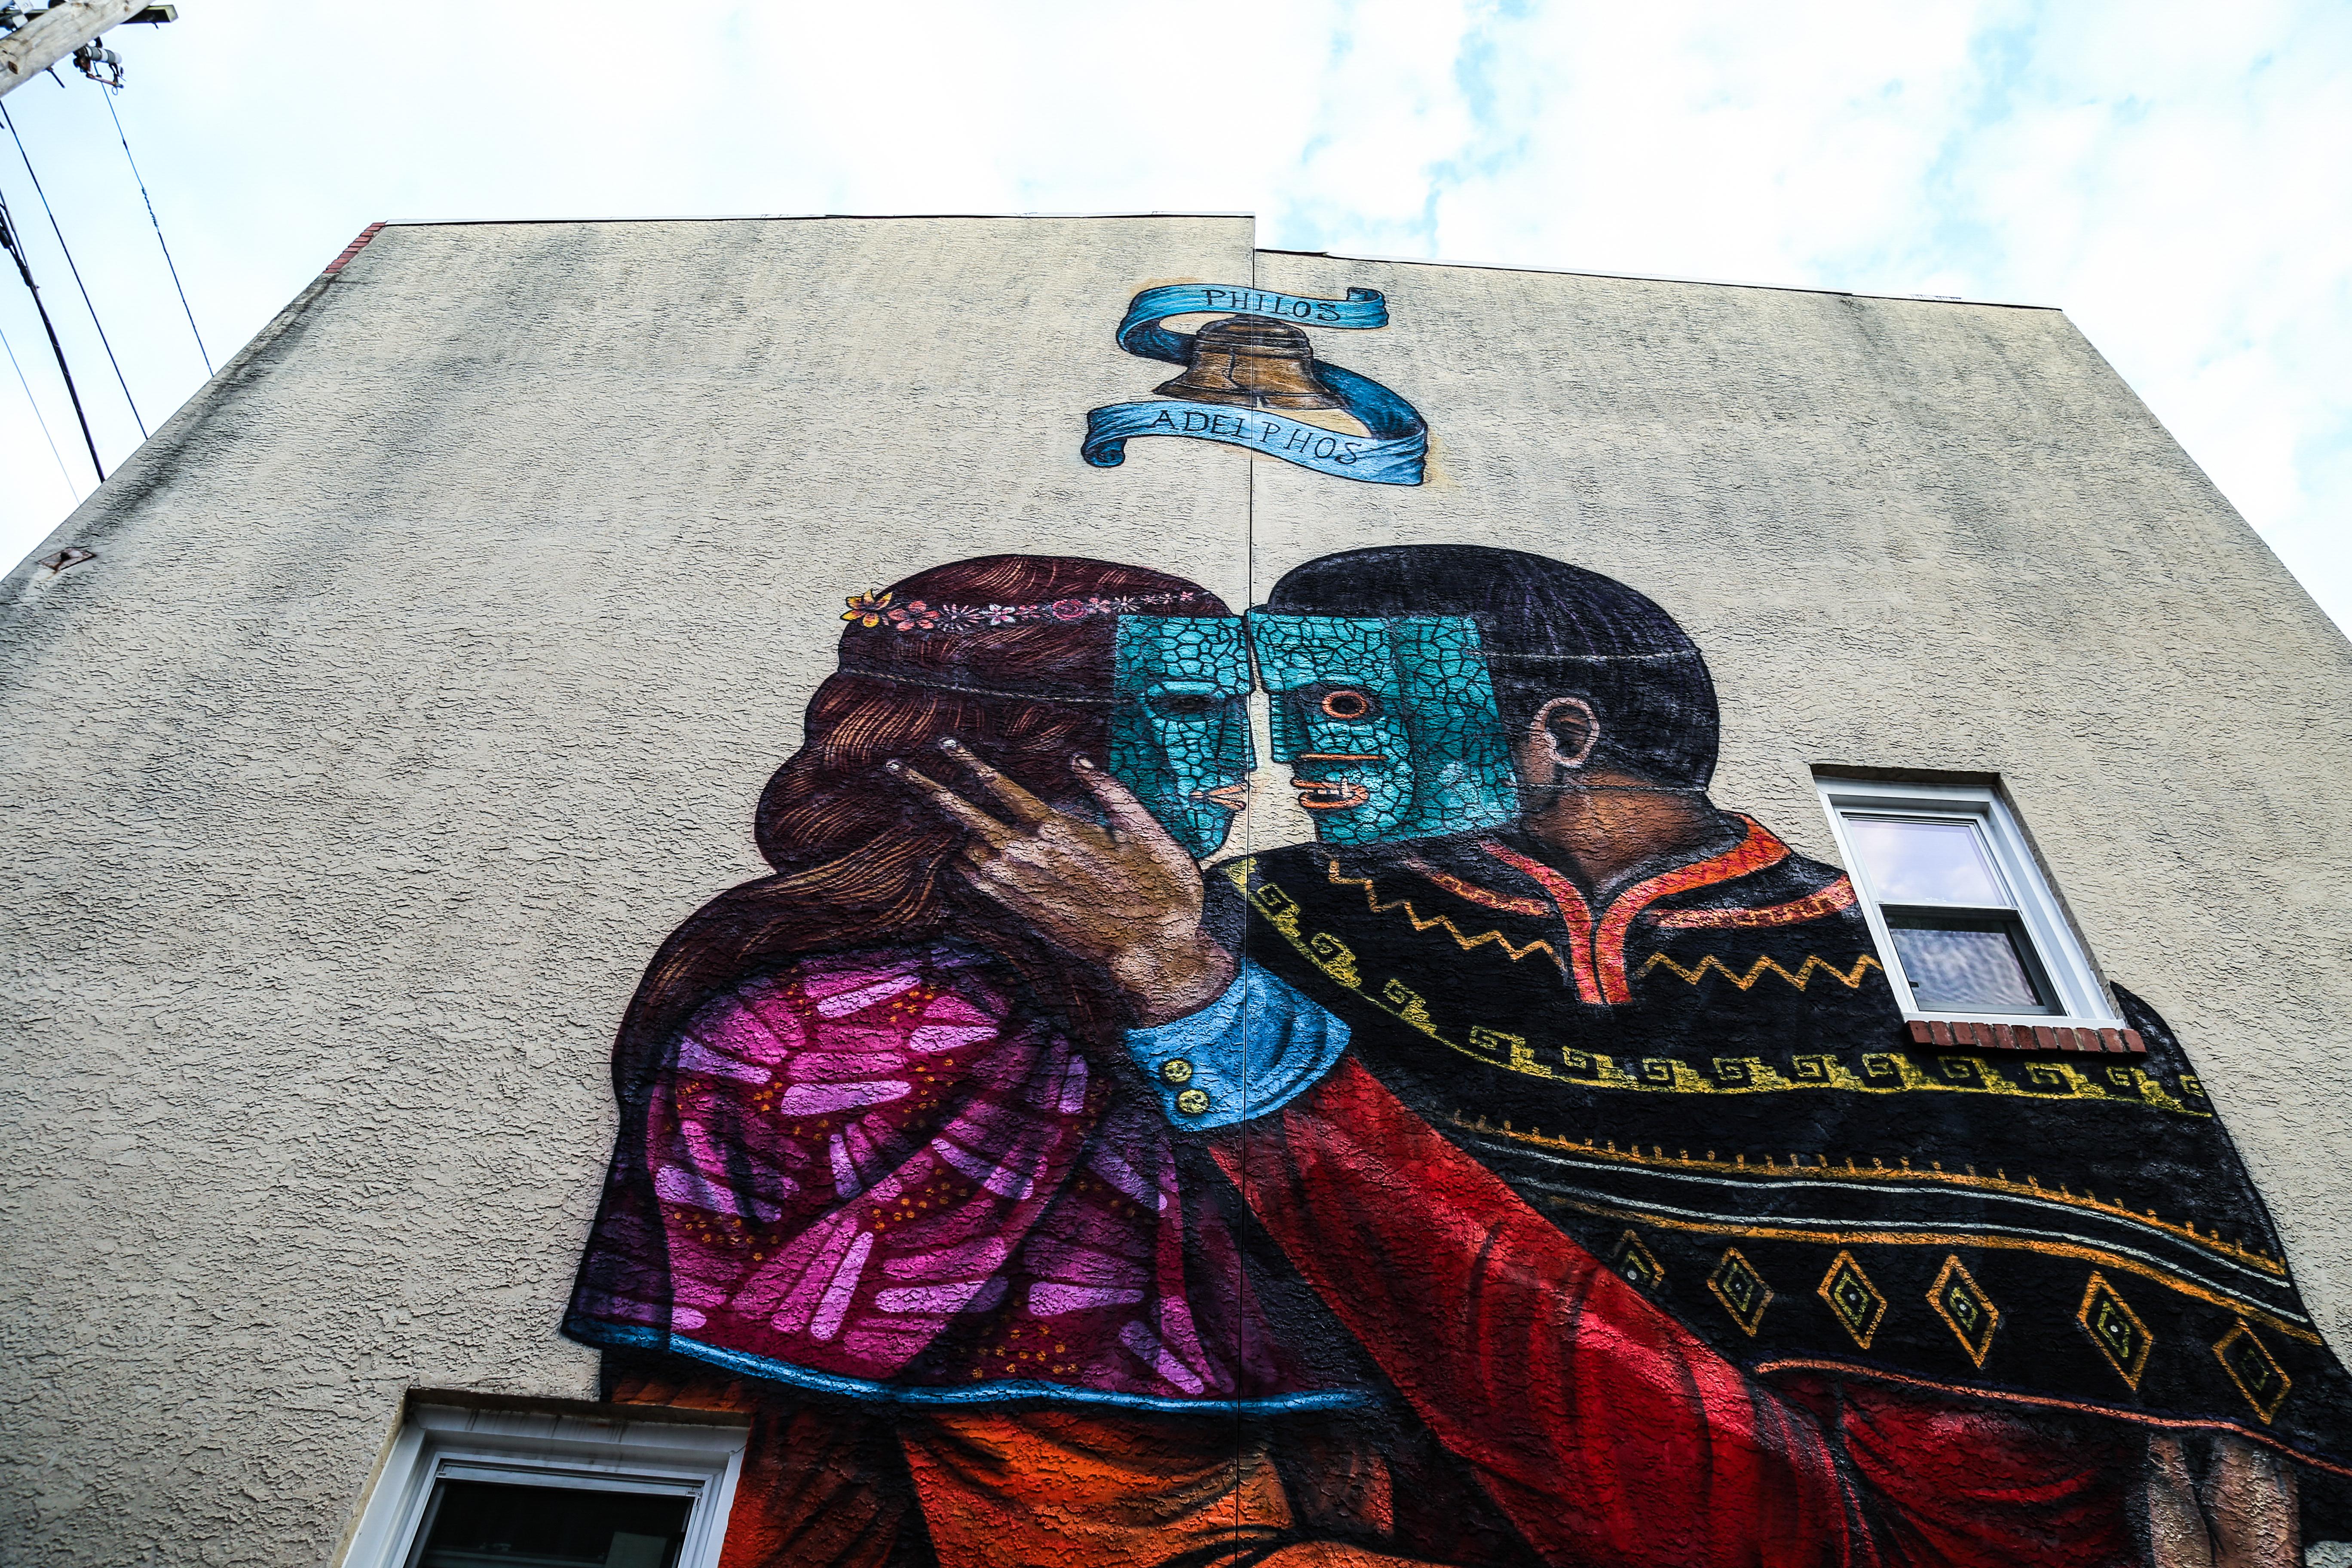 Edgar Flores Saner - Mural de una mujer enmascarada que besa a un hombre enmascarado